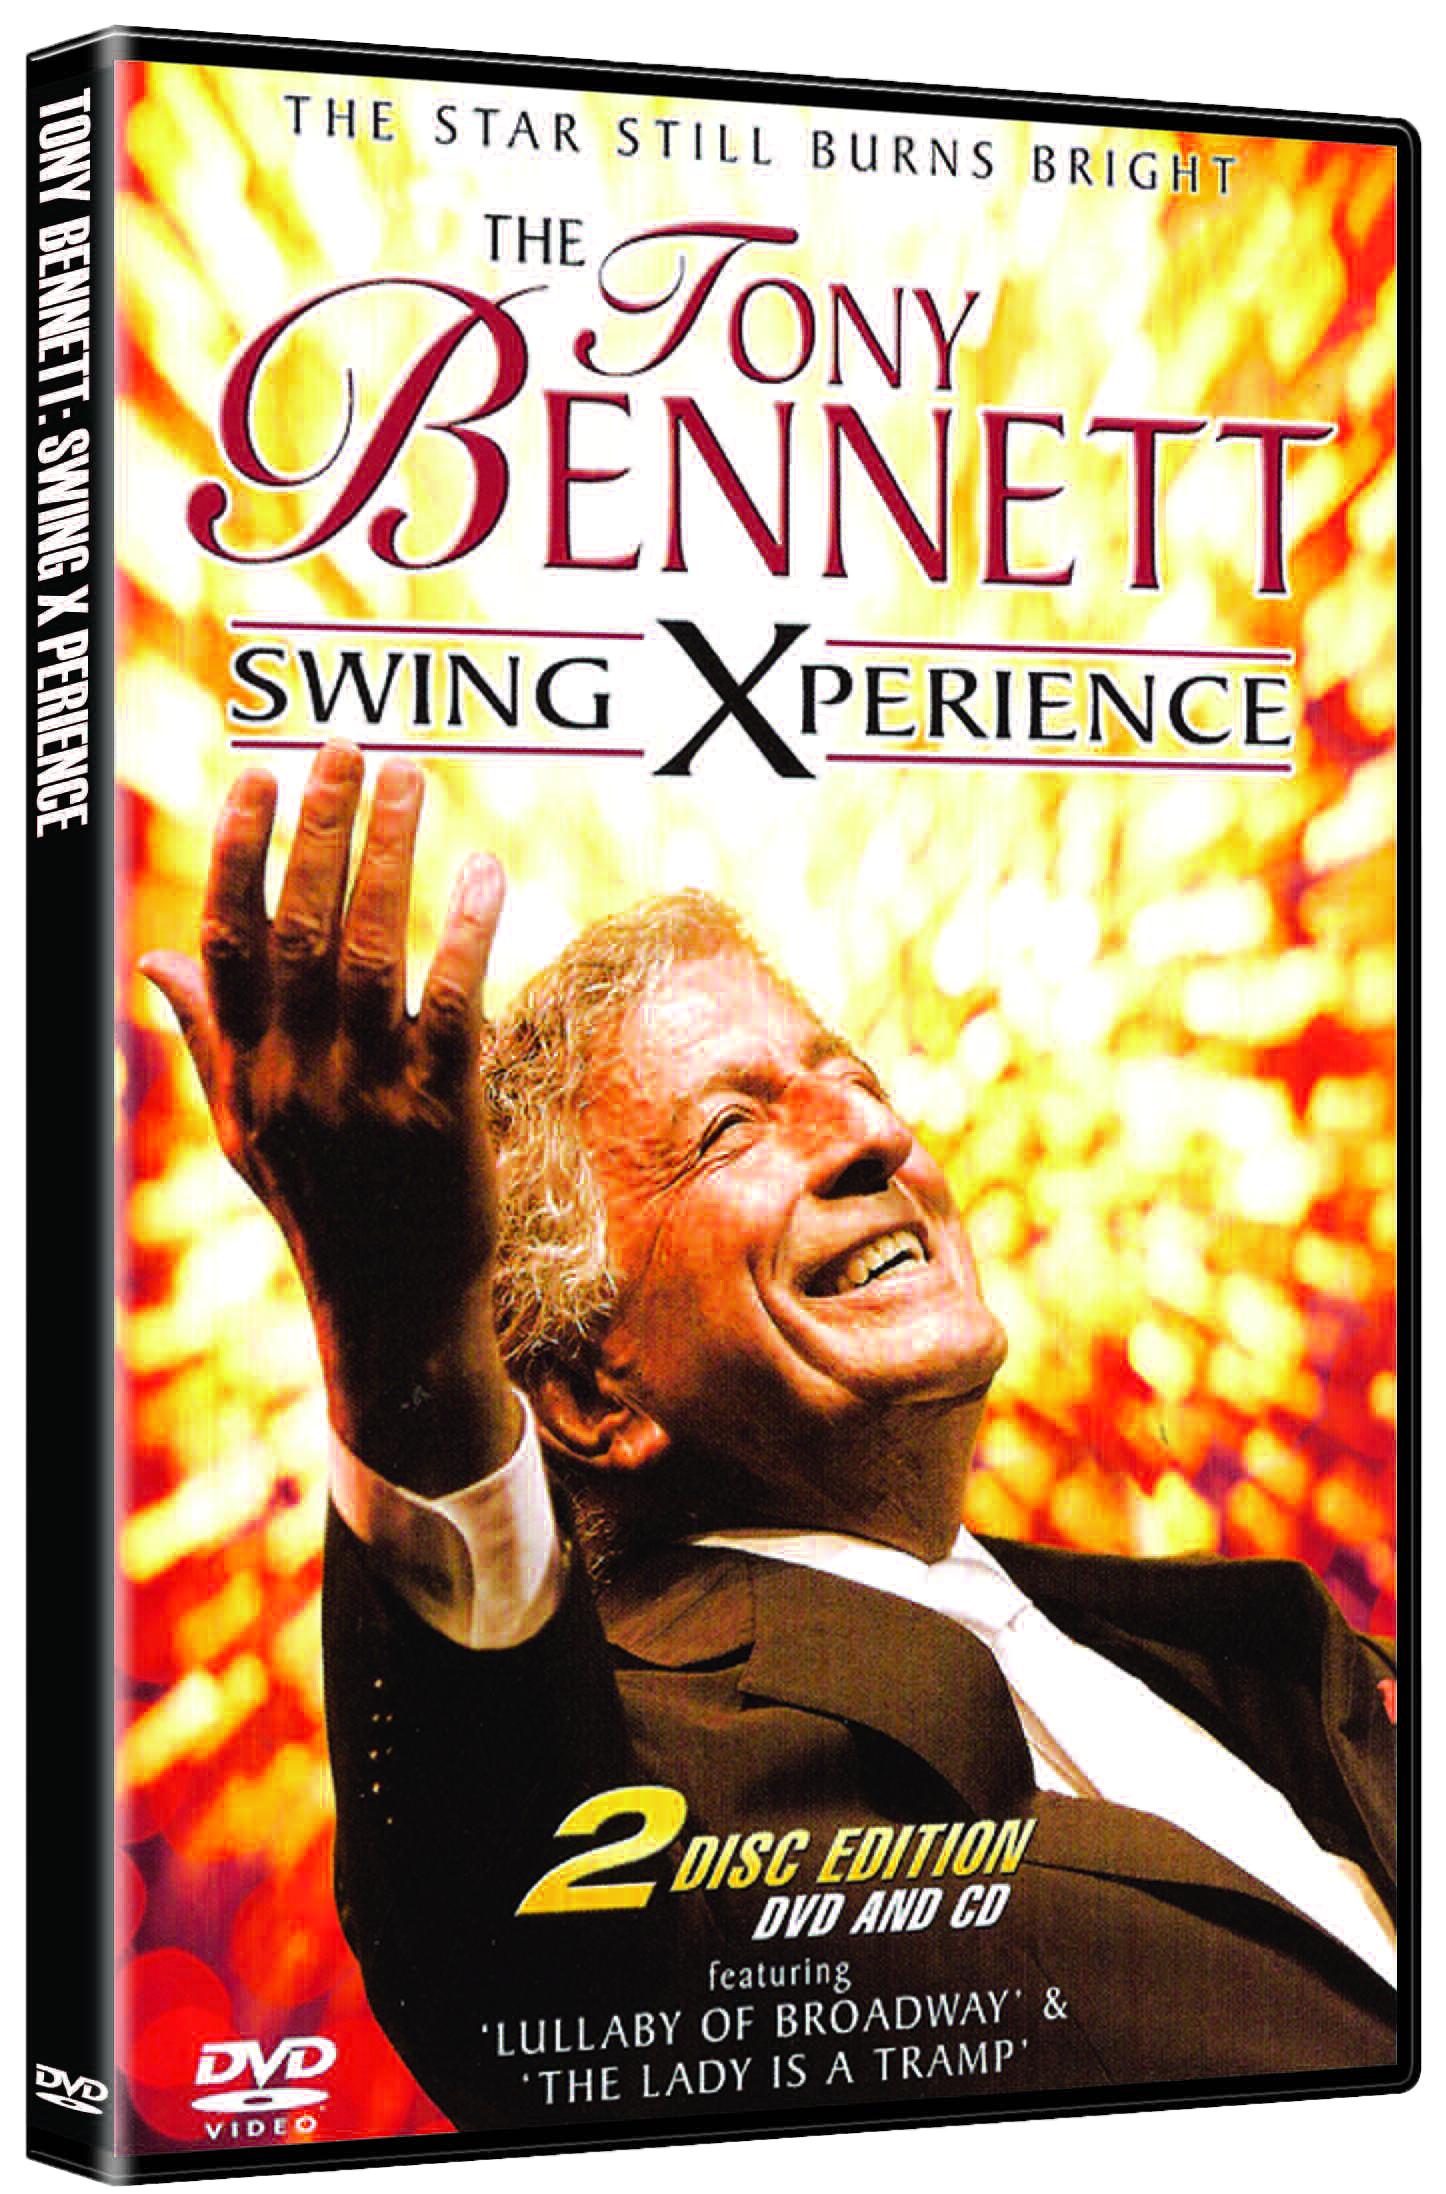 TONY BENNETT: SWING XPERIENCE